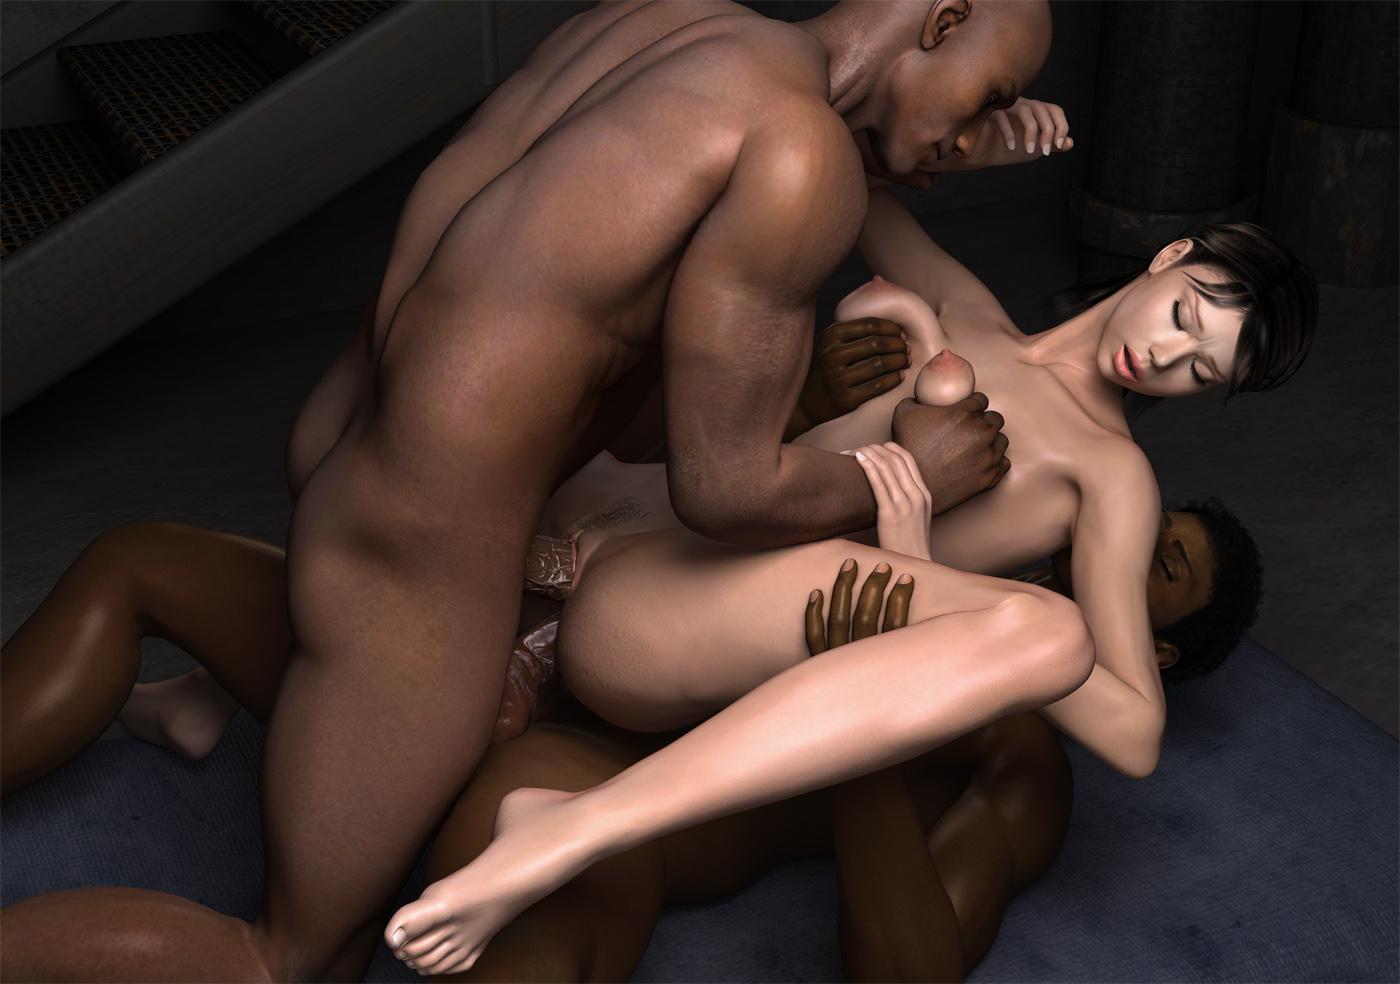 Собеседник порно игры большие члены